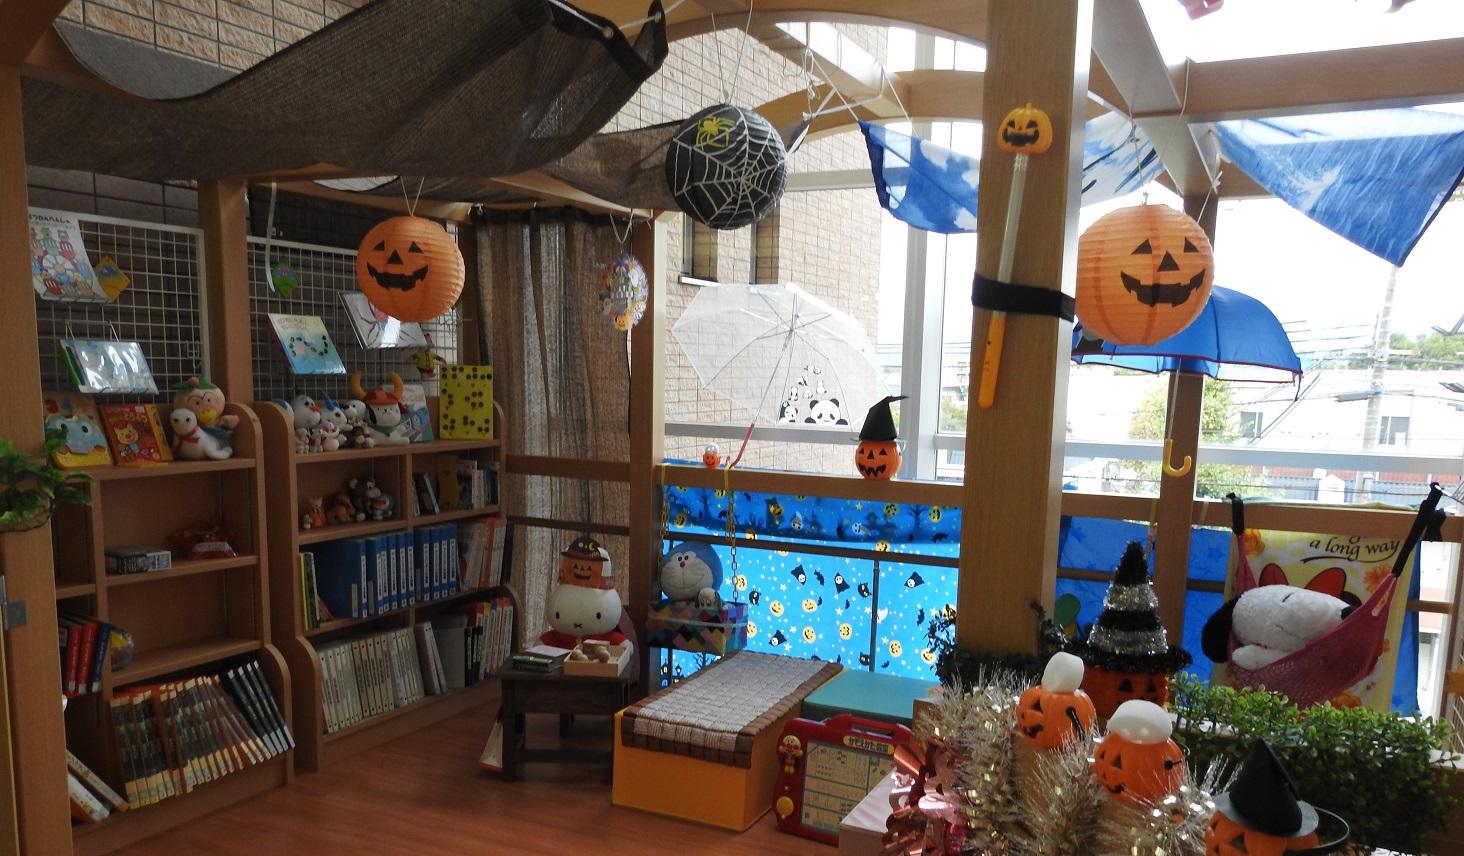 ハロウィンの飾りつけを施した部屋